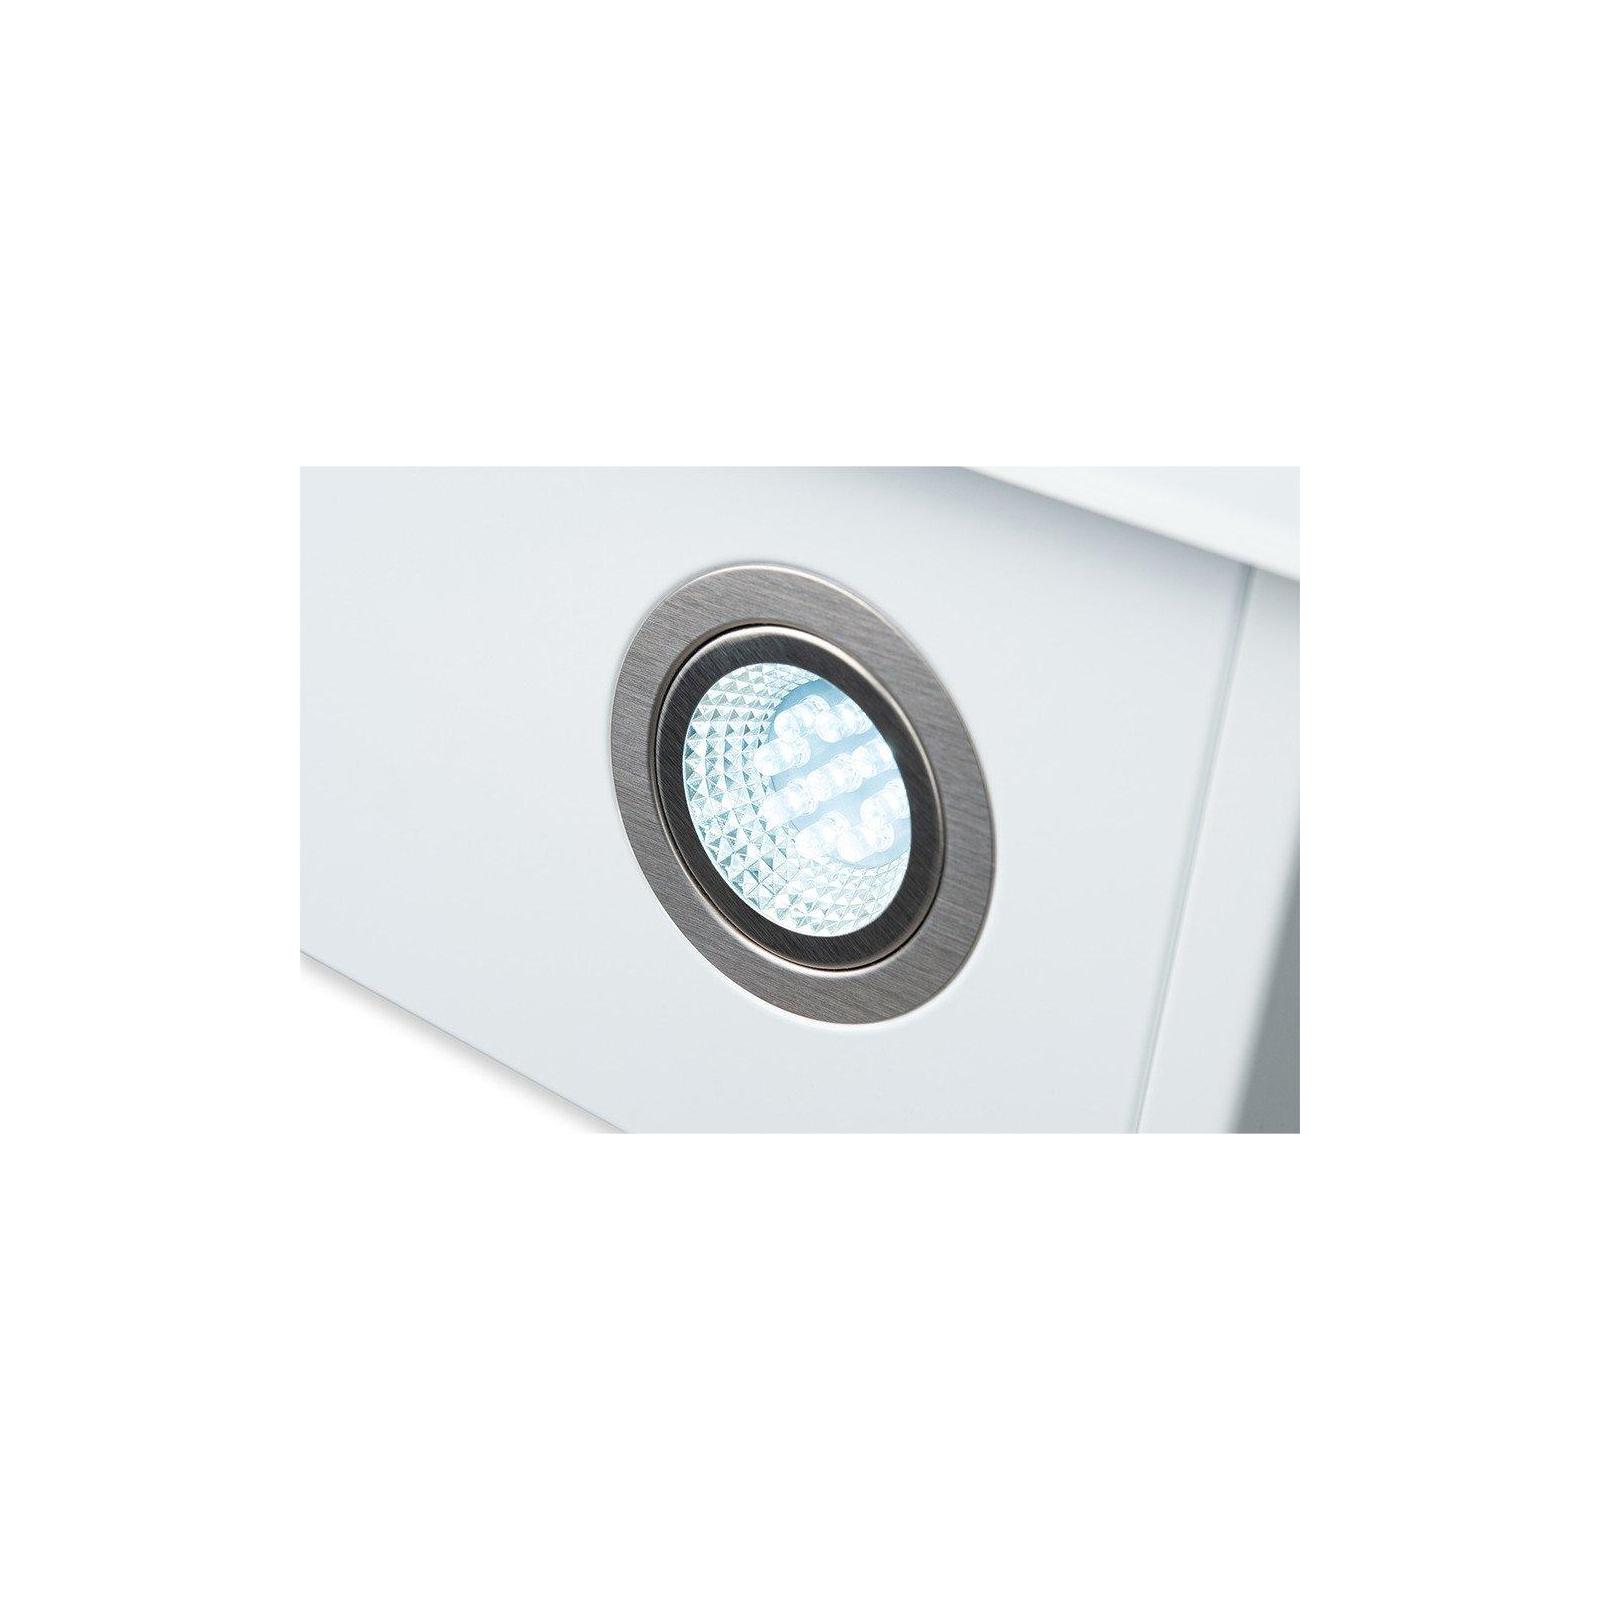 Вытяжка кухонная MINOLA HVS 6682 WH 1000 LED изображение 6